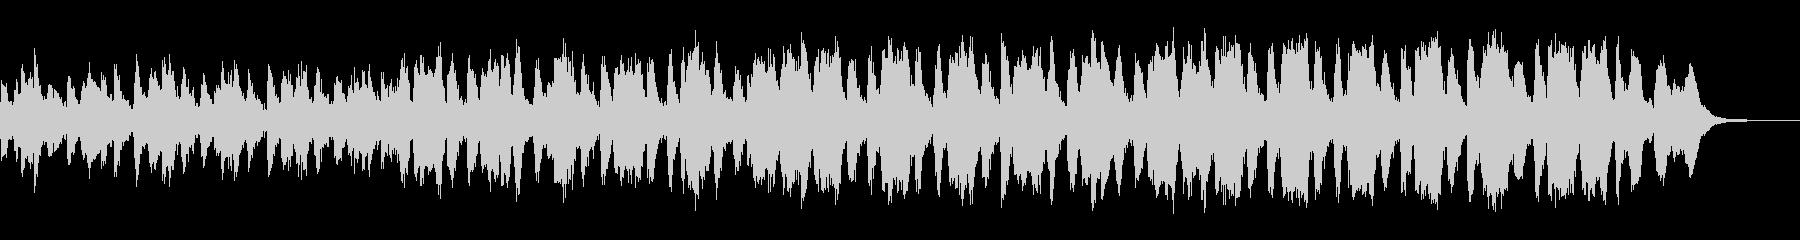 エレキ・ギター「ダッシュ」オーケストラの未再生の波形